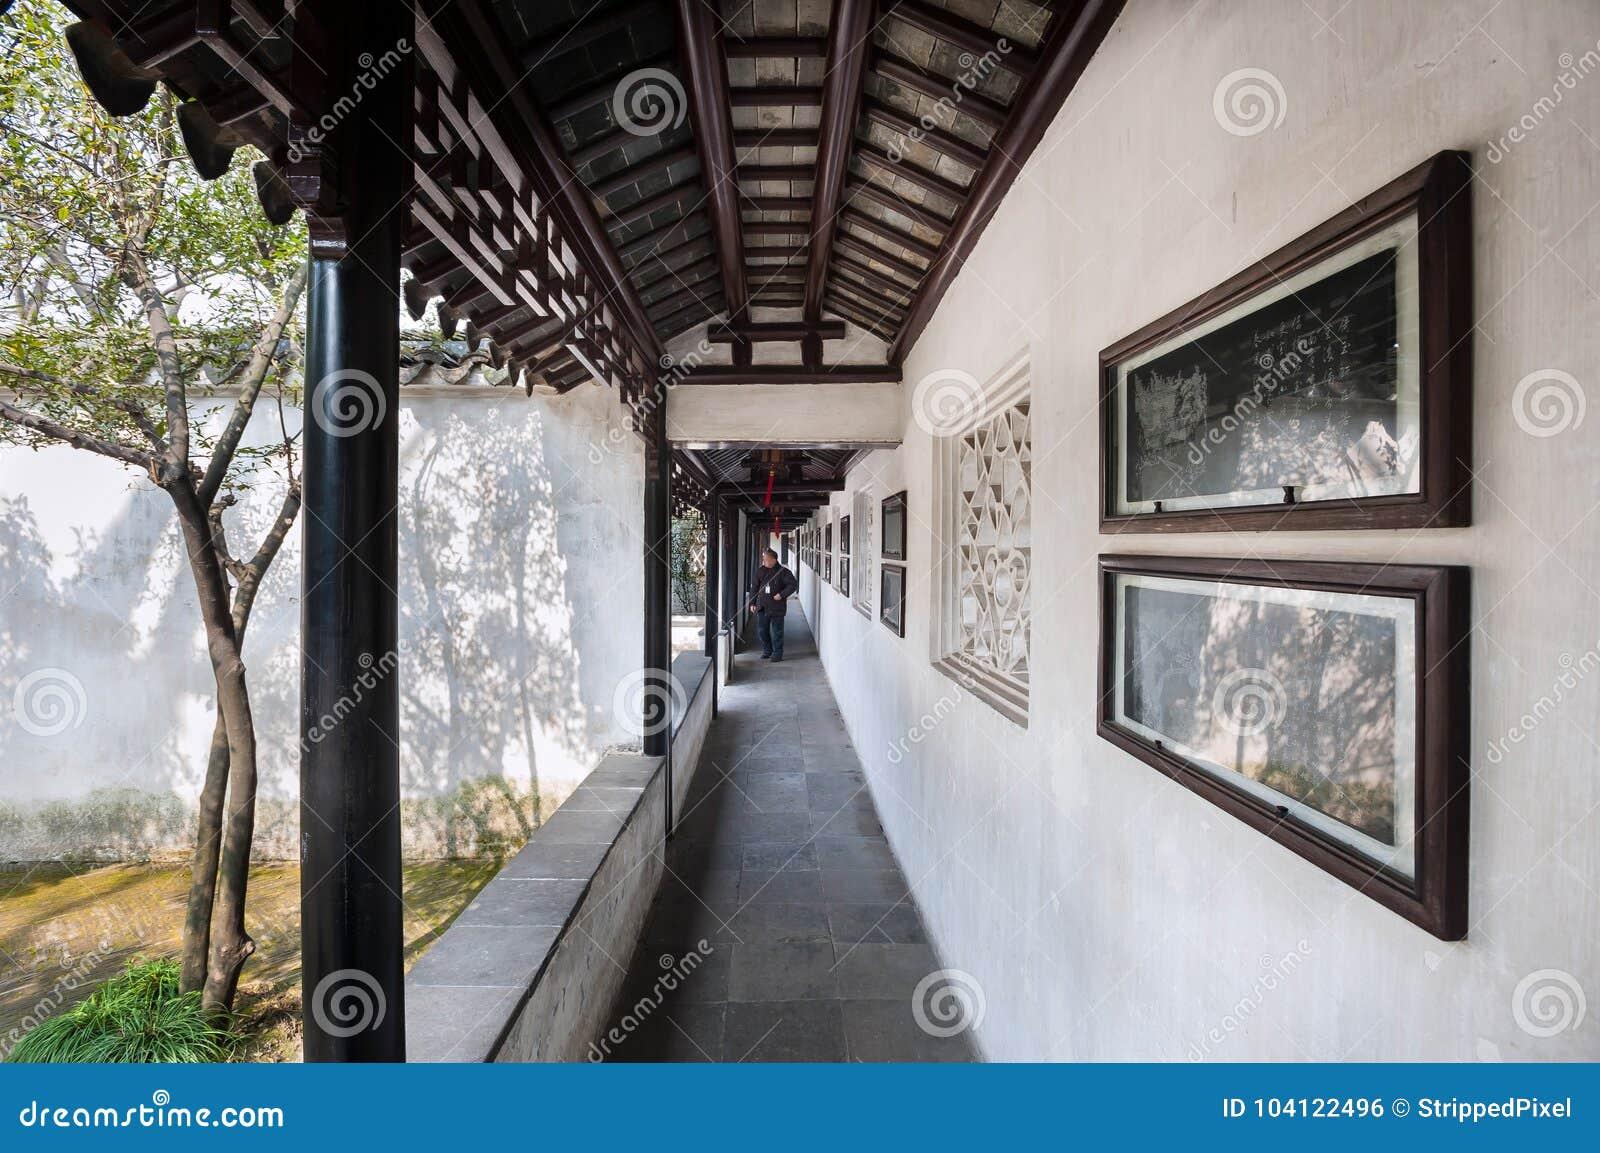 Υπαίθριο μοναστήρι στον κήπο αλσών λιονταριών, Suzhou